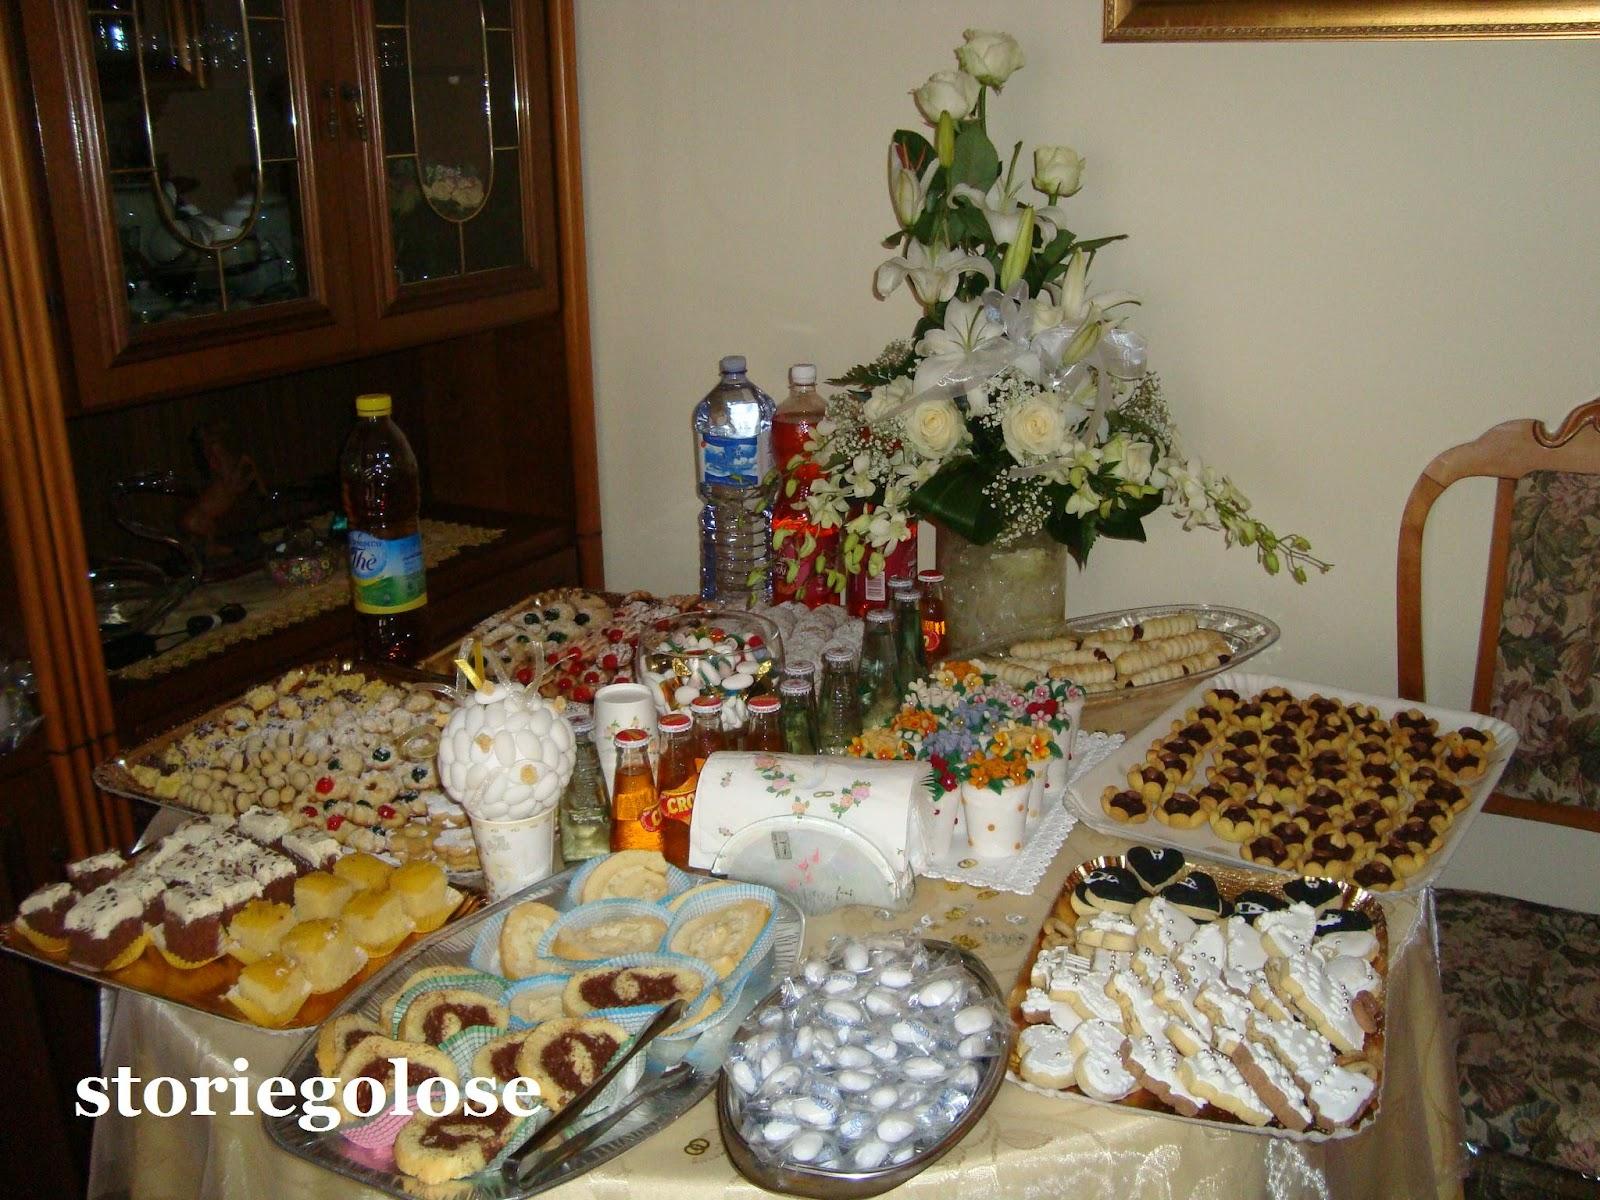 Storie golose buffet di nozze - Come addobbare la casa della sposa il giorno del matrimonio ...